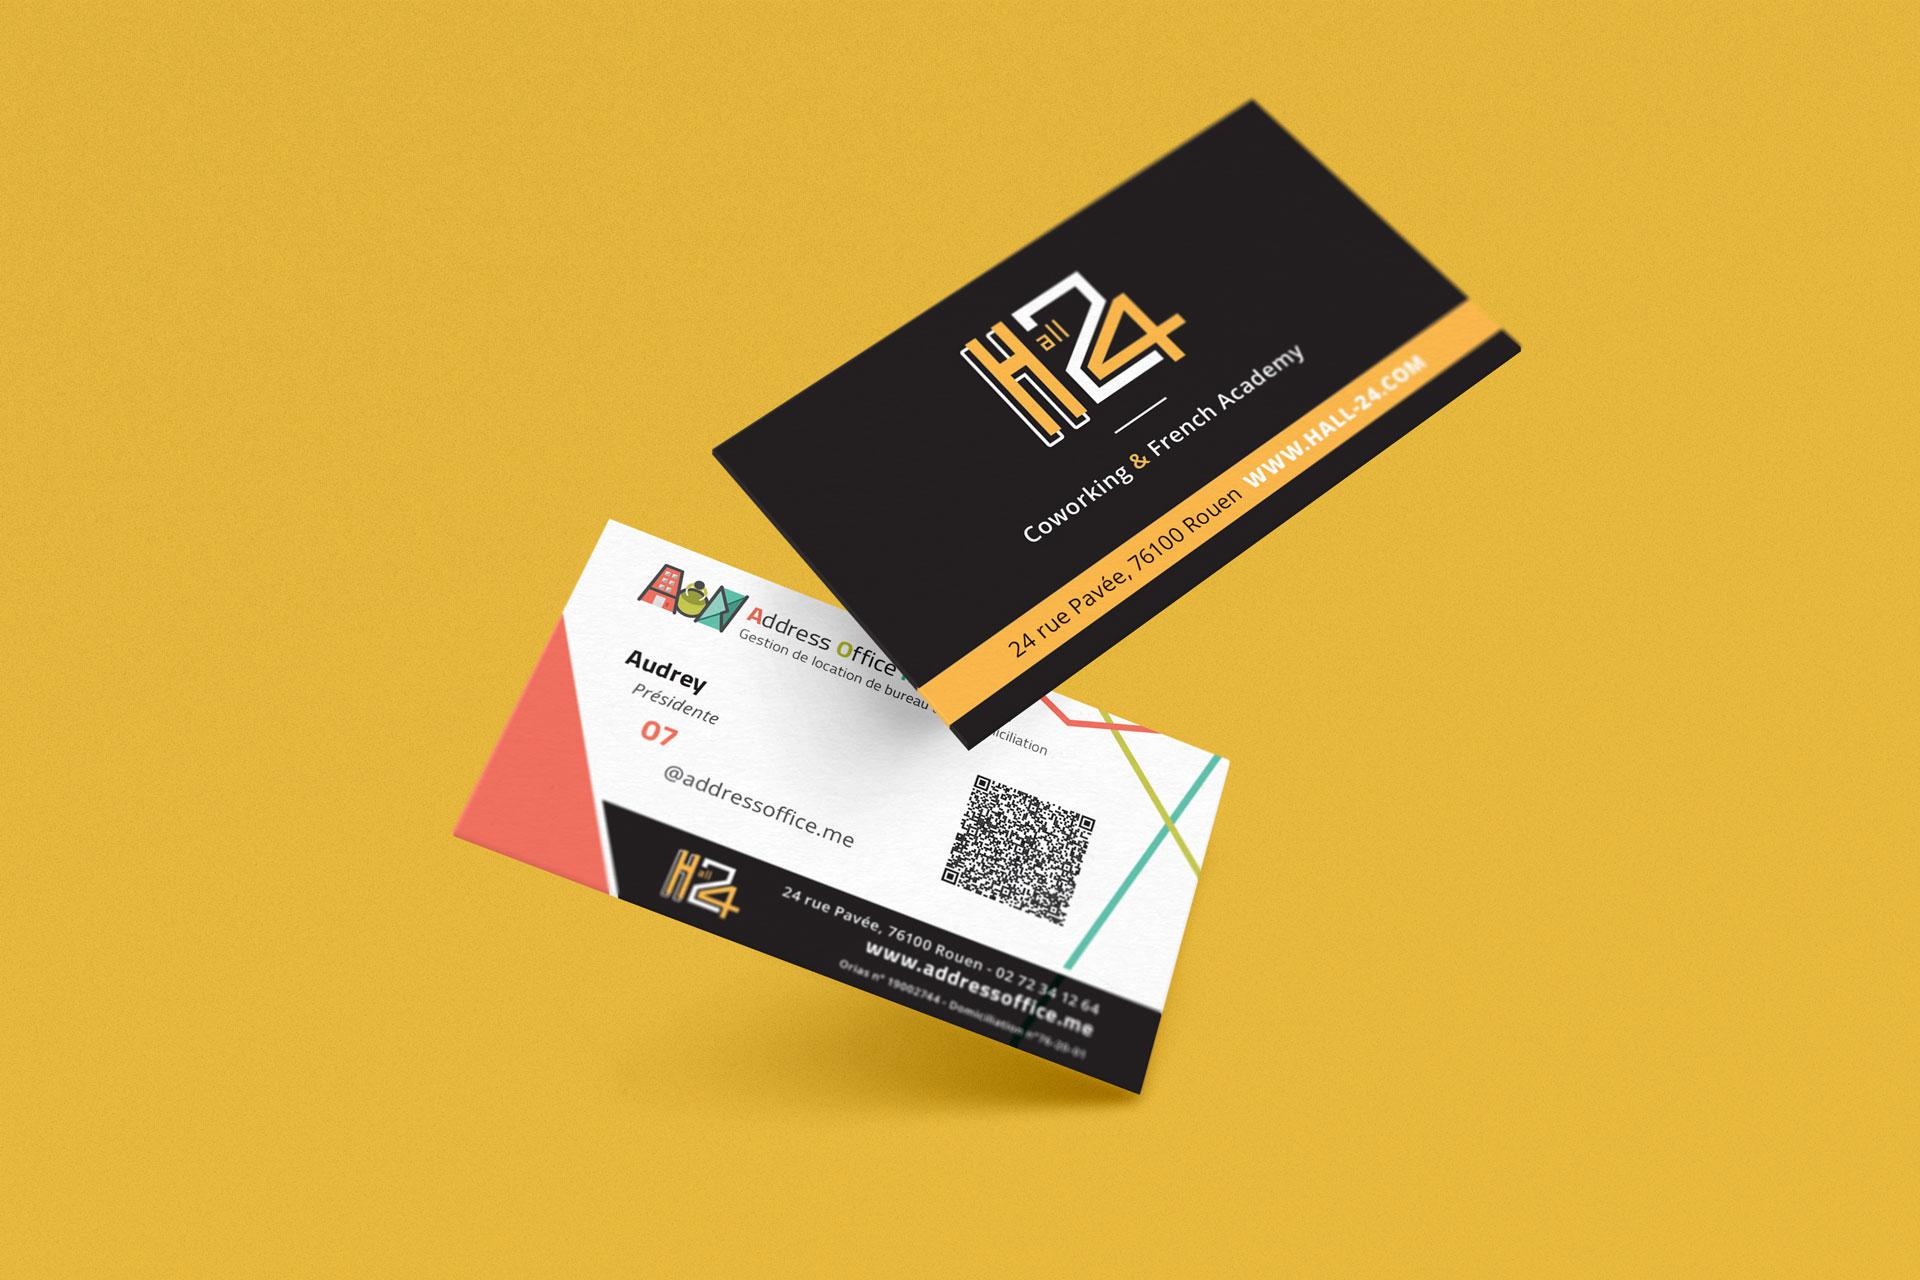 mockup carte de visite aon et hall 24 rouen client i-media agence de communication digitale